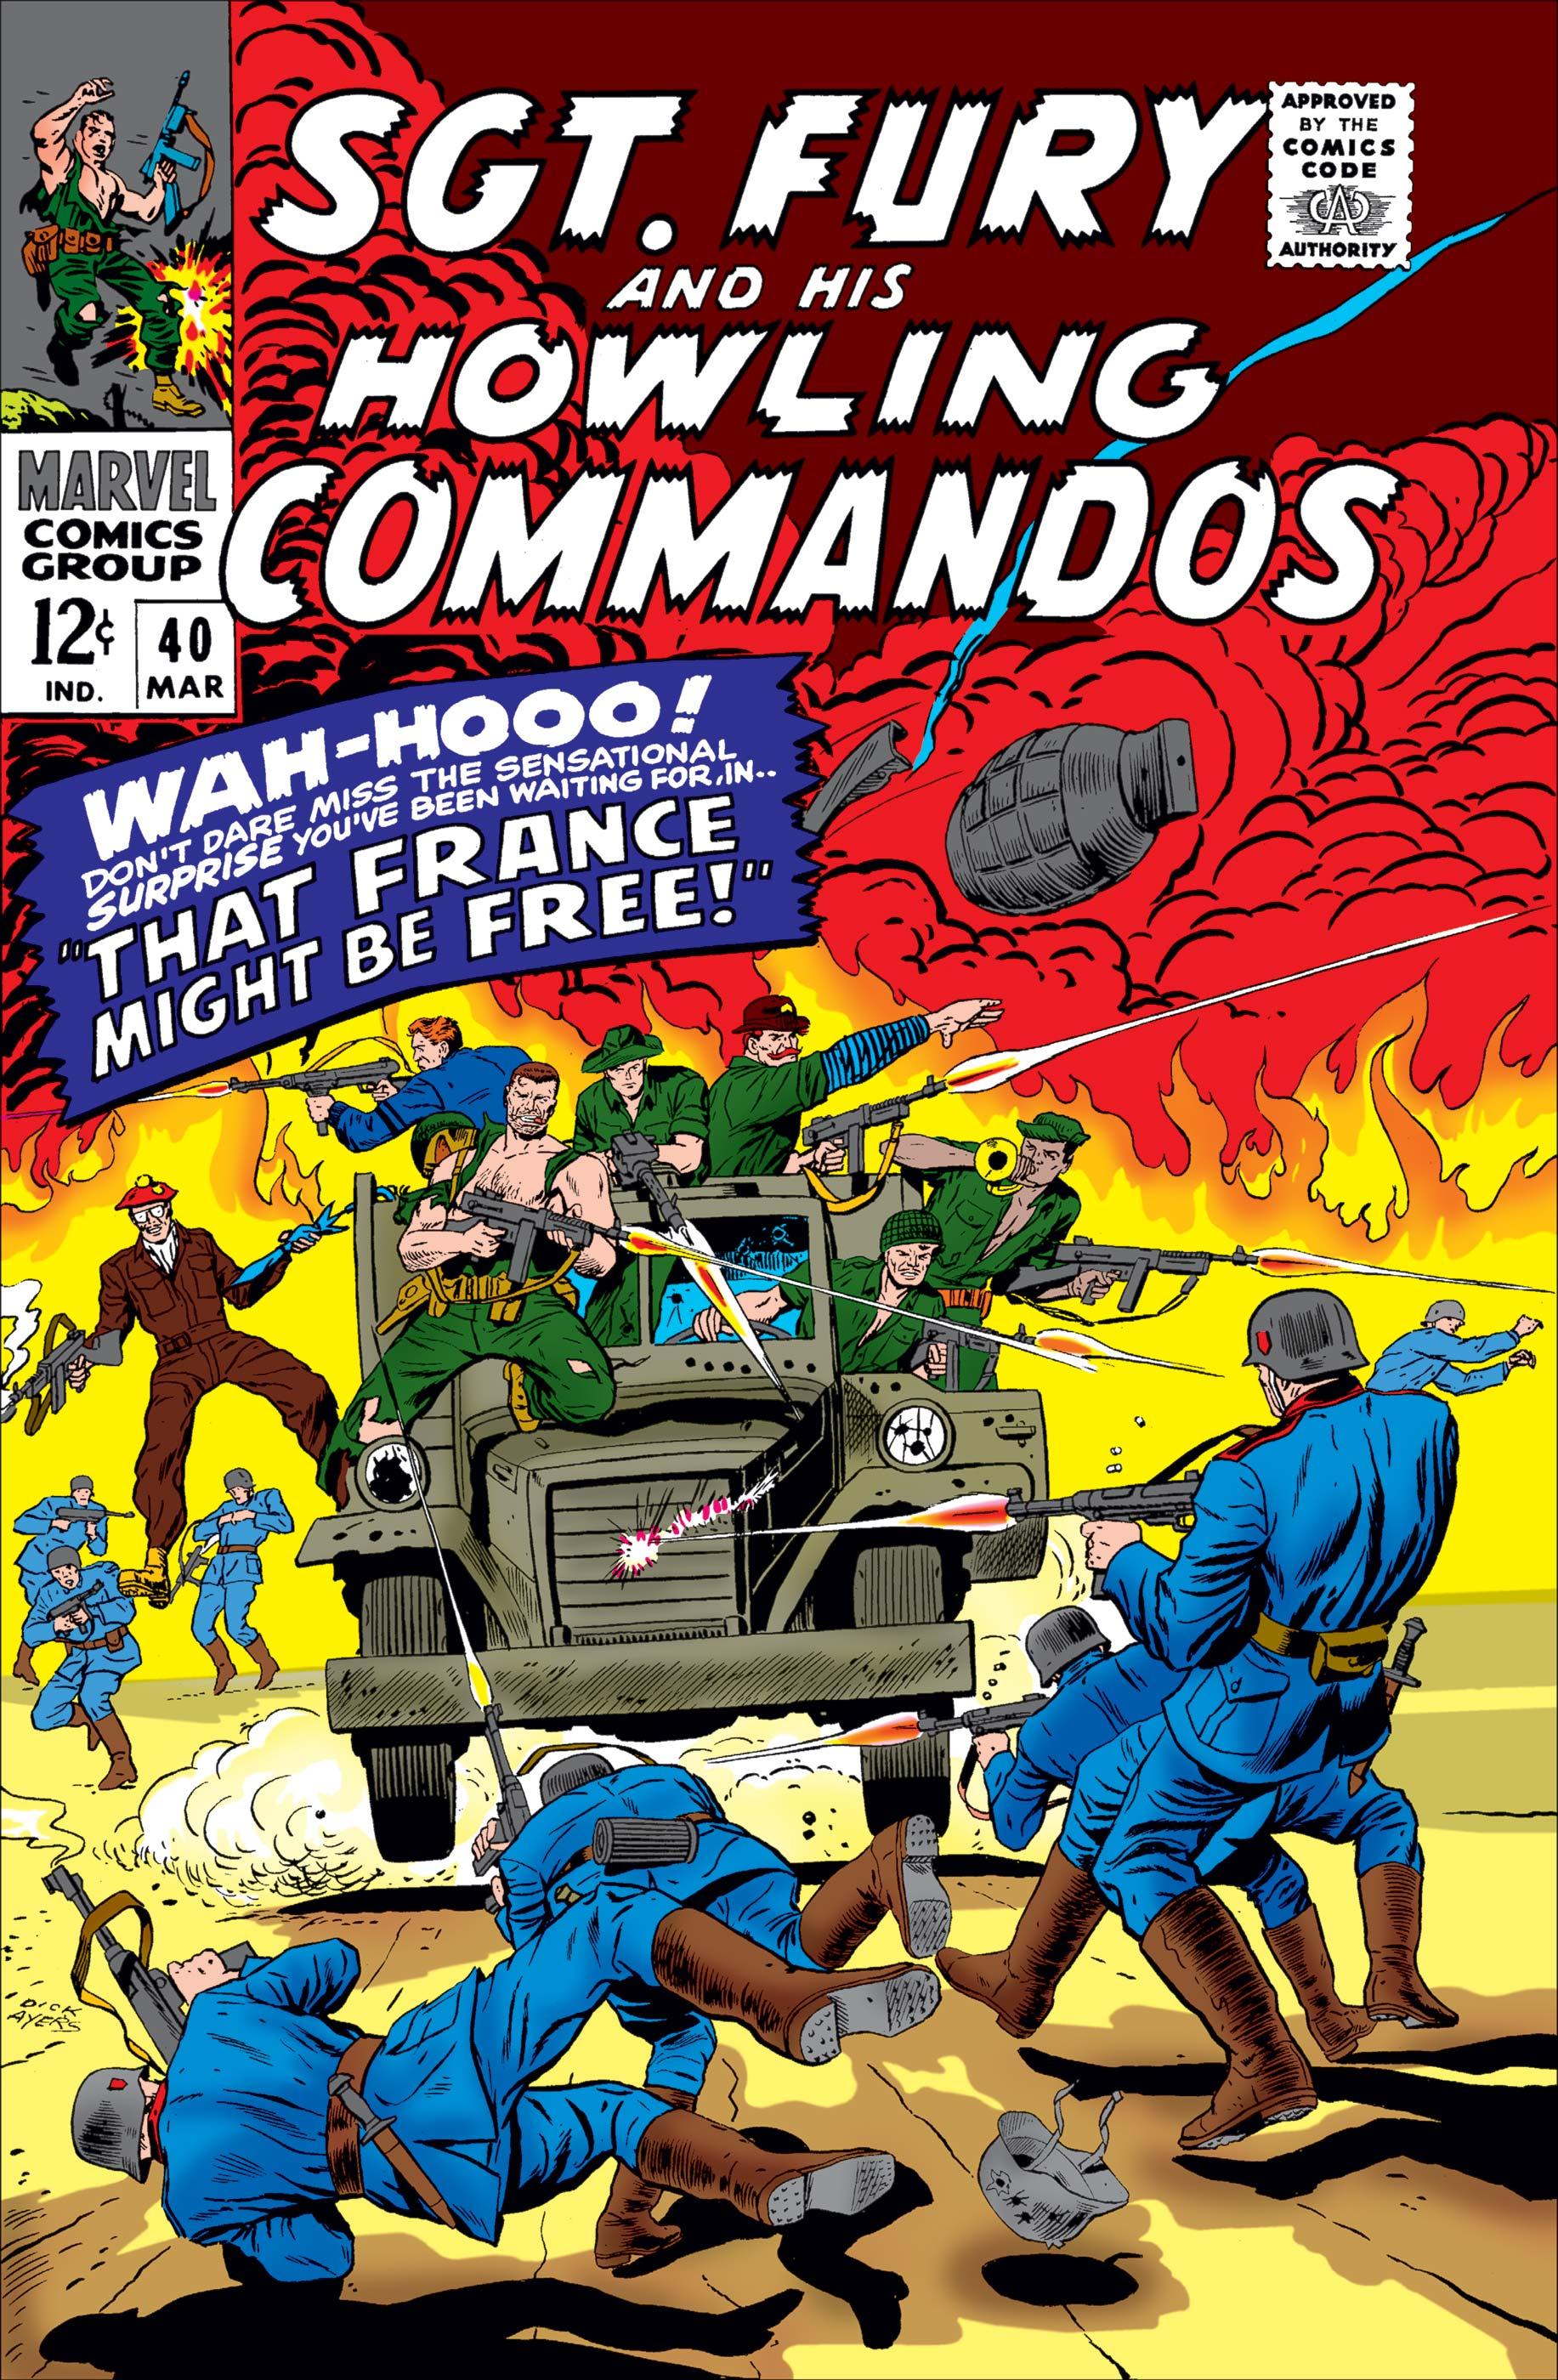 Sgt. Fury (1963) #40